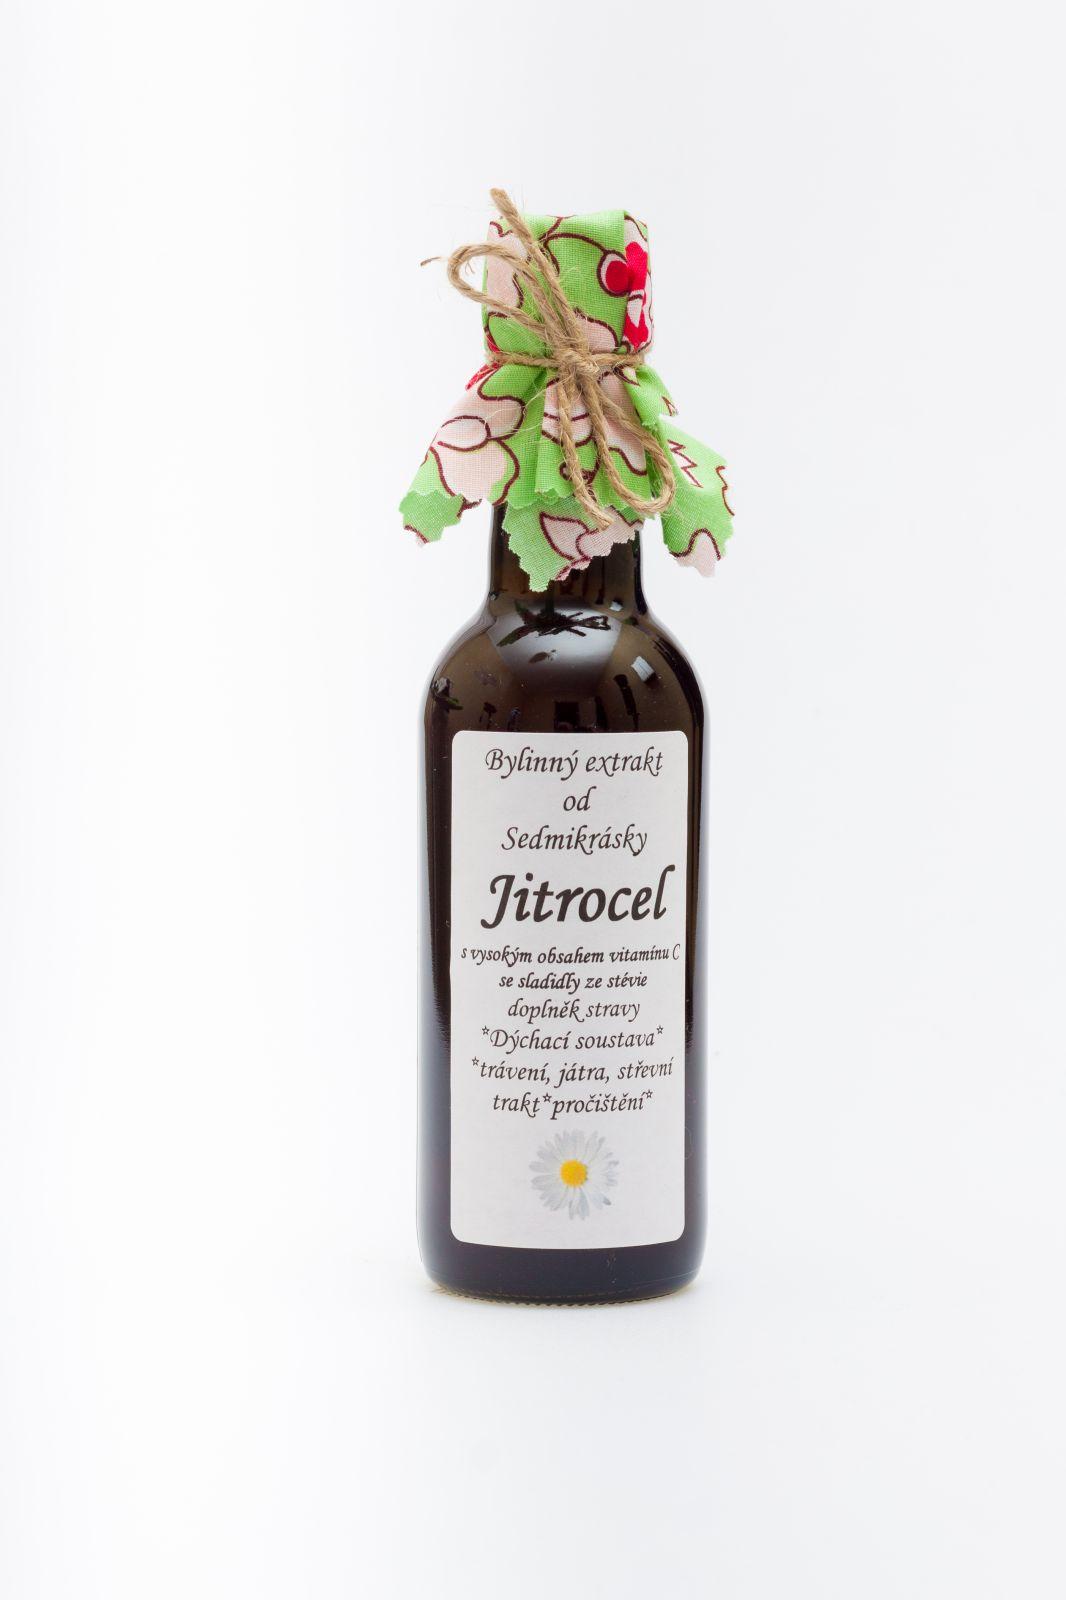 Sedmikráska bylinný extrakt Skorocel 250ml dýchacia sústava, antioxidant, trávenie, pečeň, črevný trakt, prečistenie Rodinná farma Sedmikráska